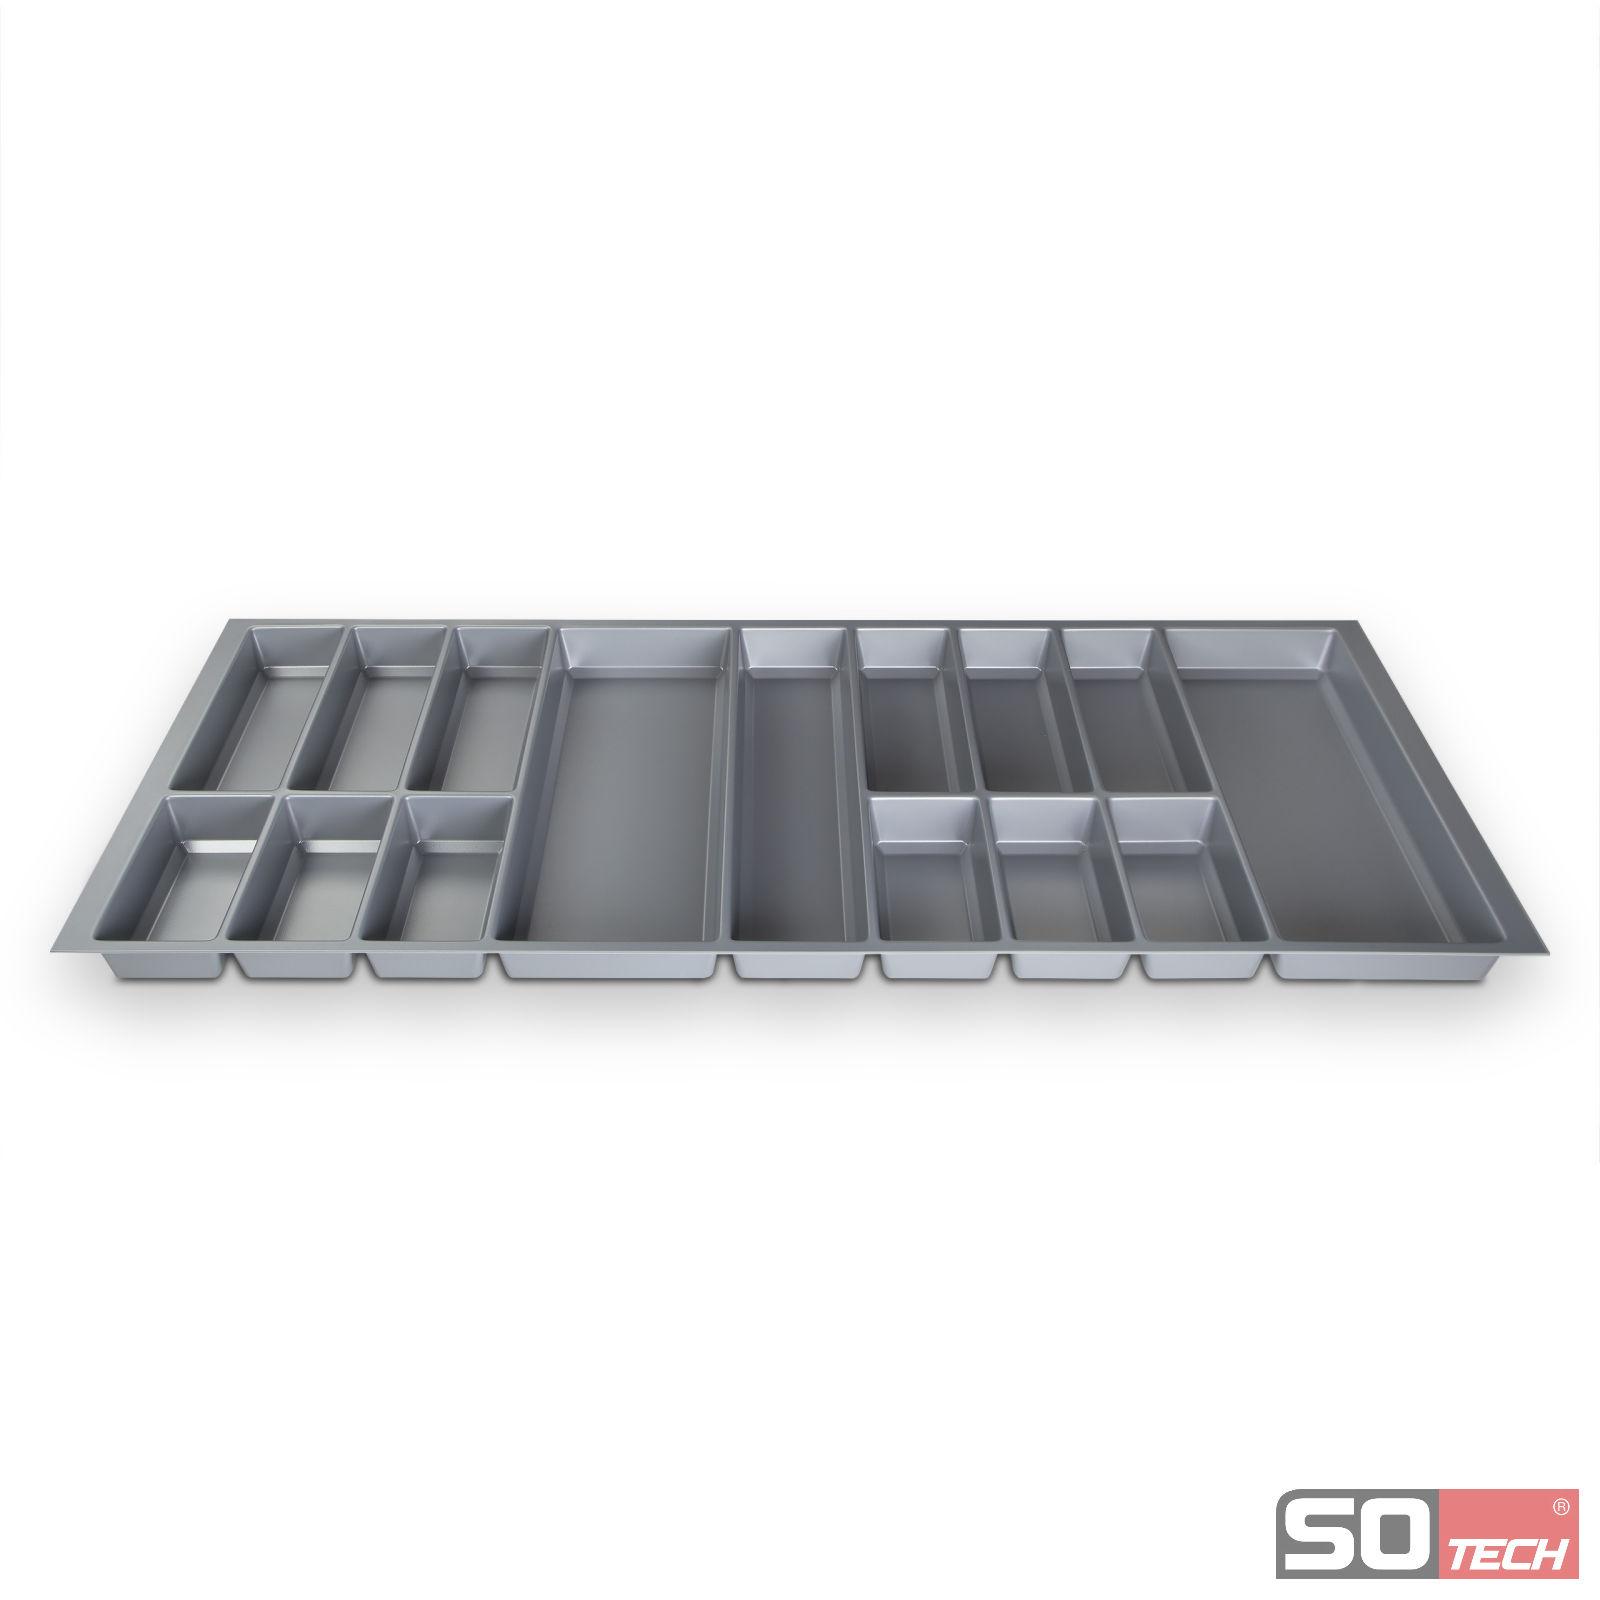 besteckeinsatz orga box f r 120cm schublade besteckkasten. Black Bedroom Furniture Sets. Home Design Ideas